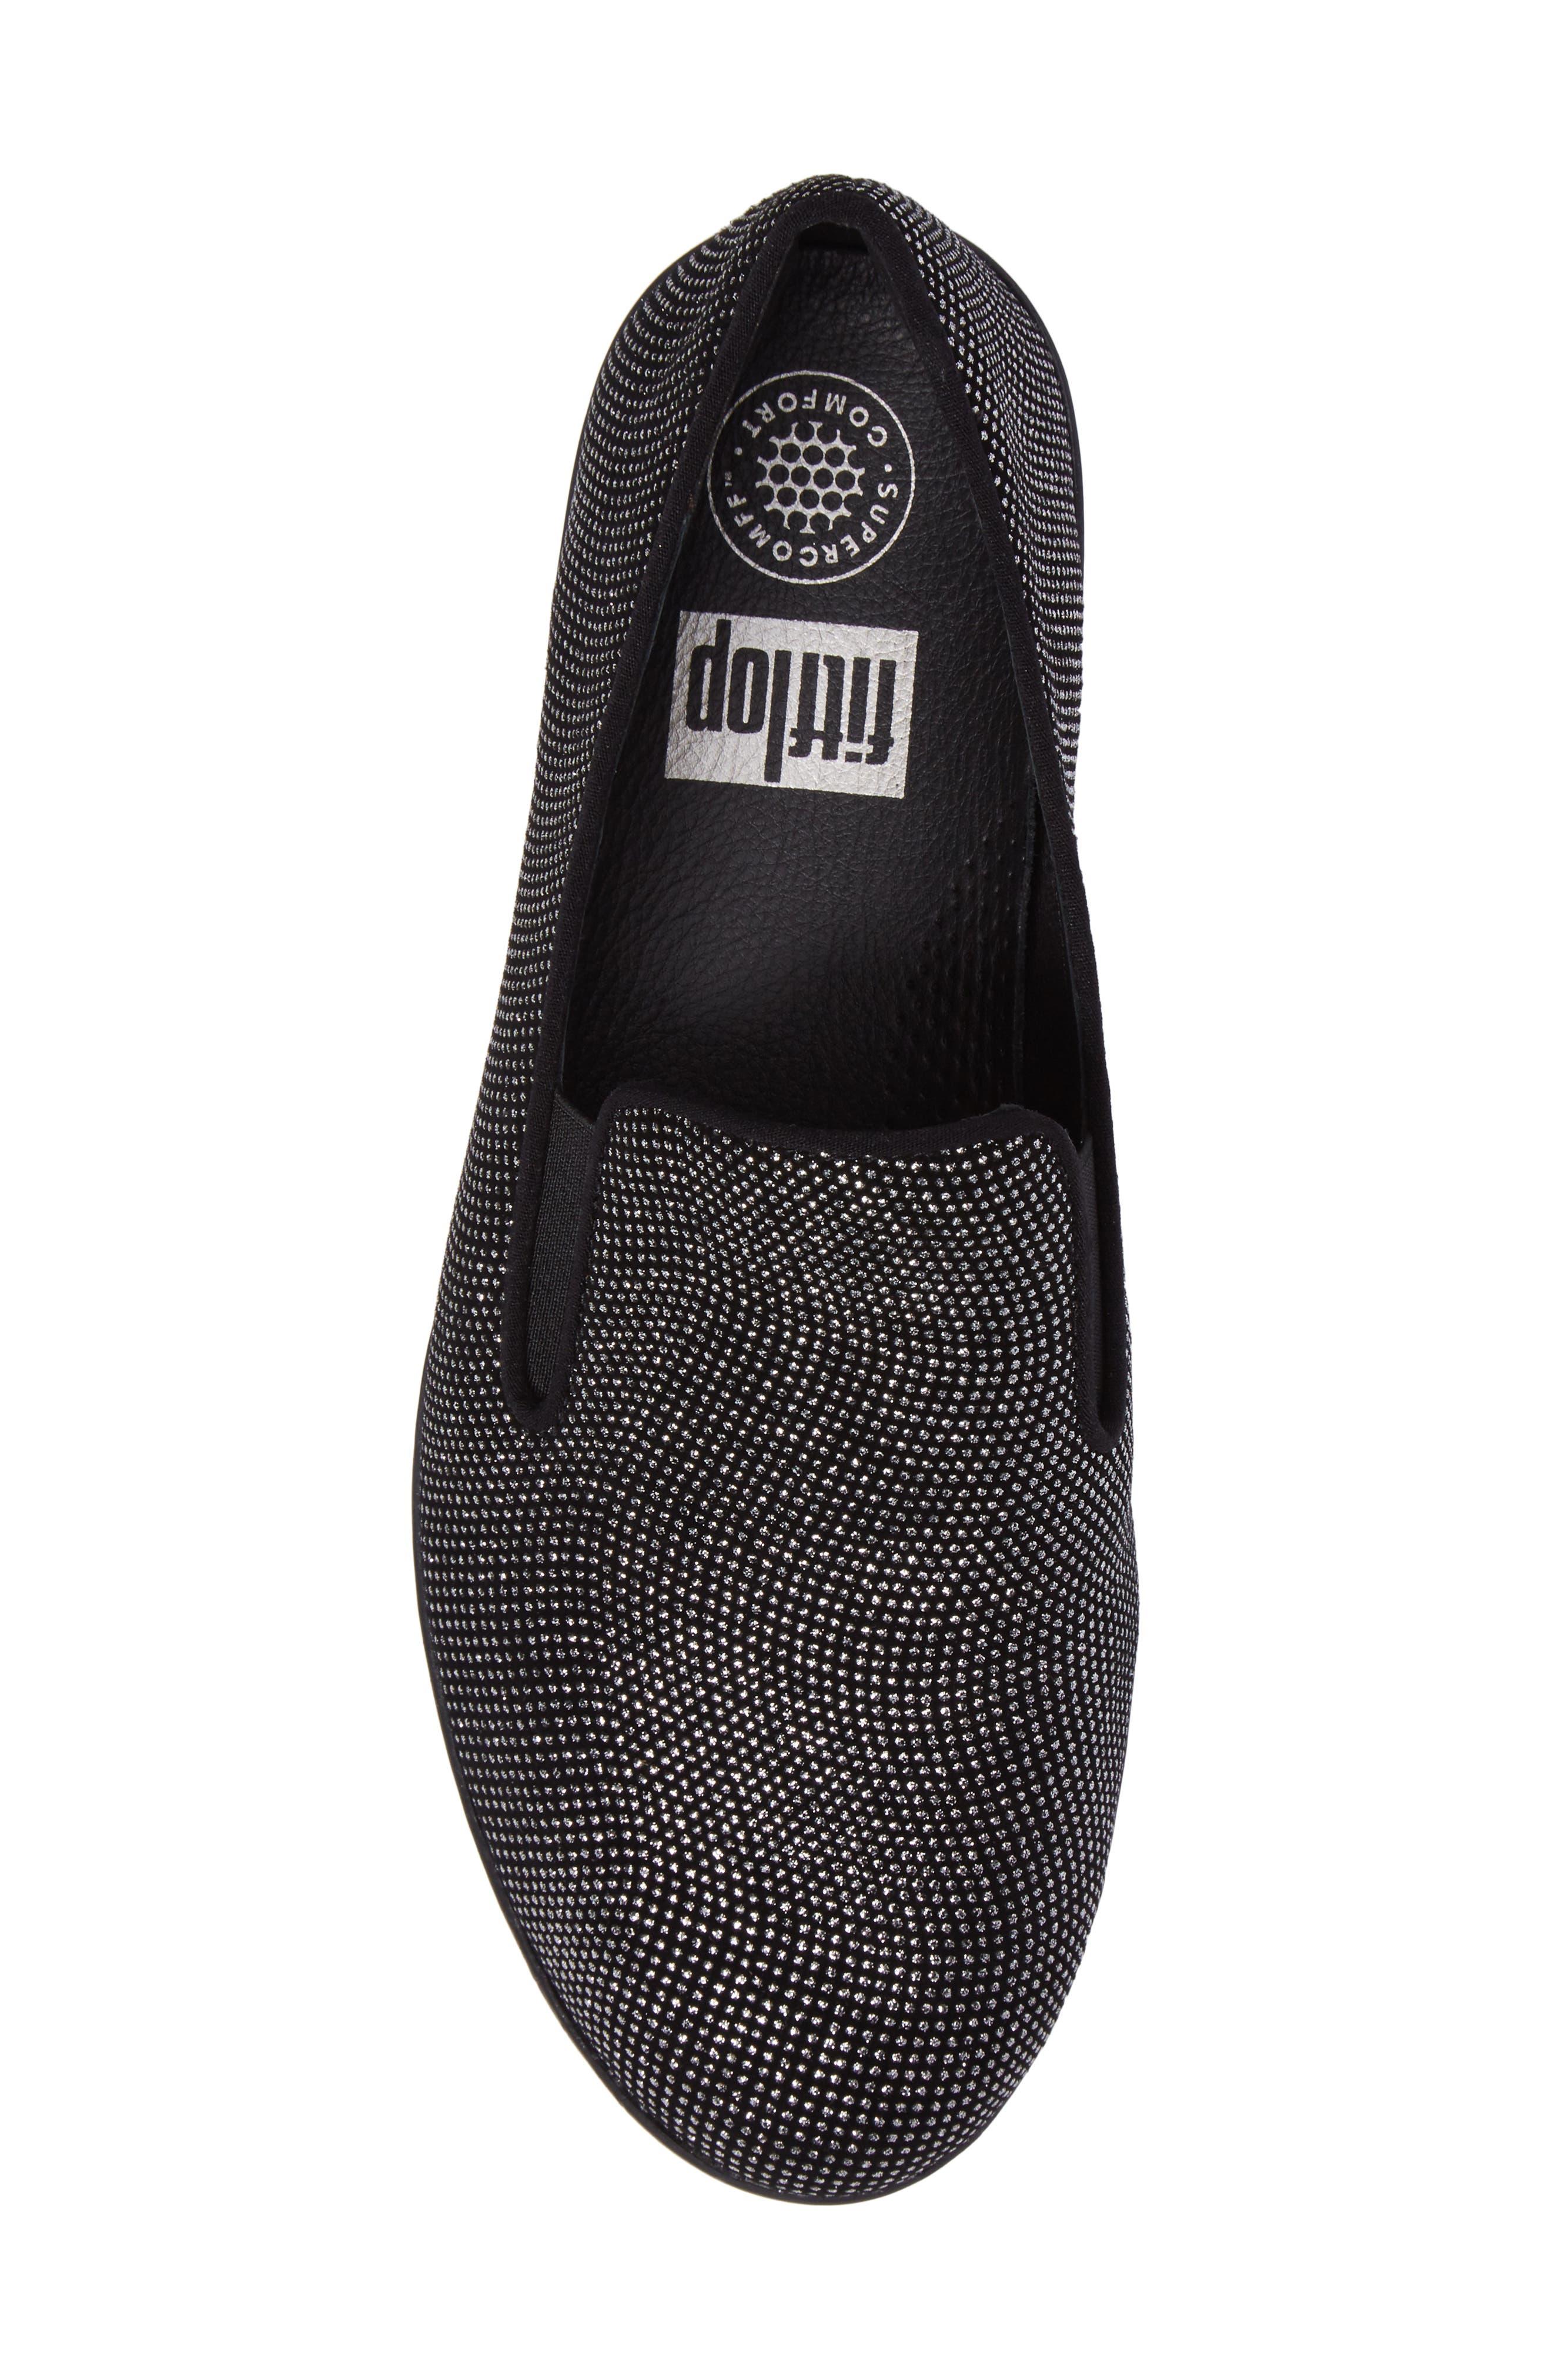 Superskate Glitter Dot Slip-On Sneaker,                             Alternate thumbnail 5, color,                             Black Glimmer Suede